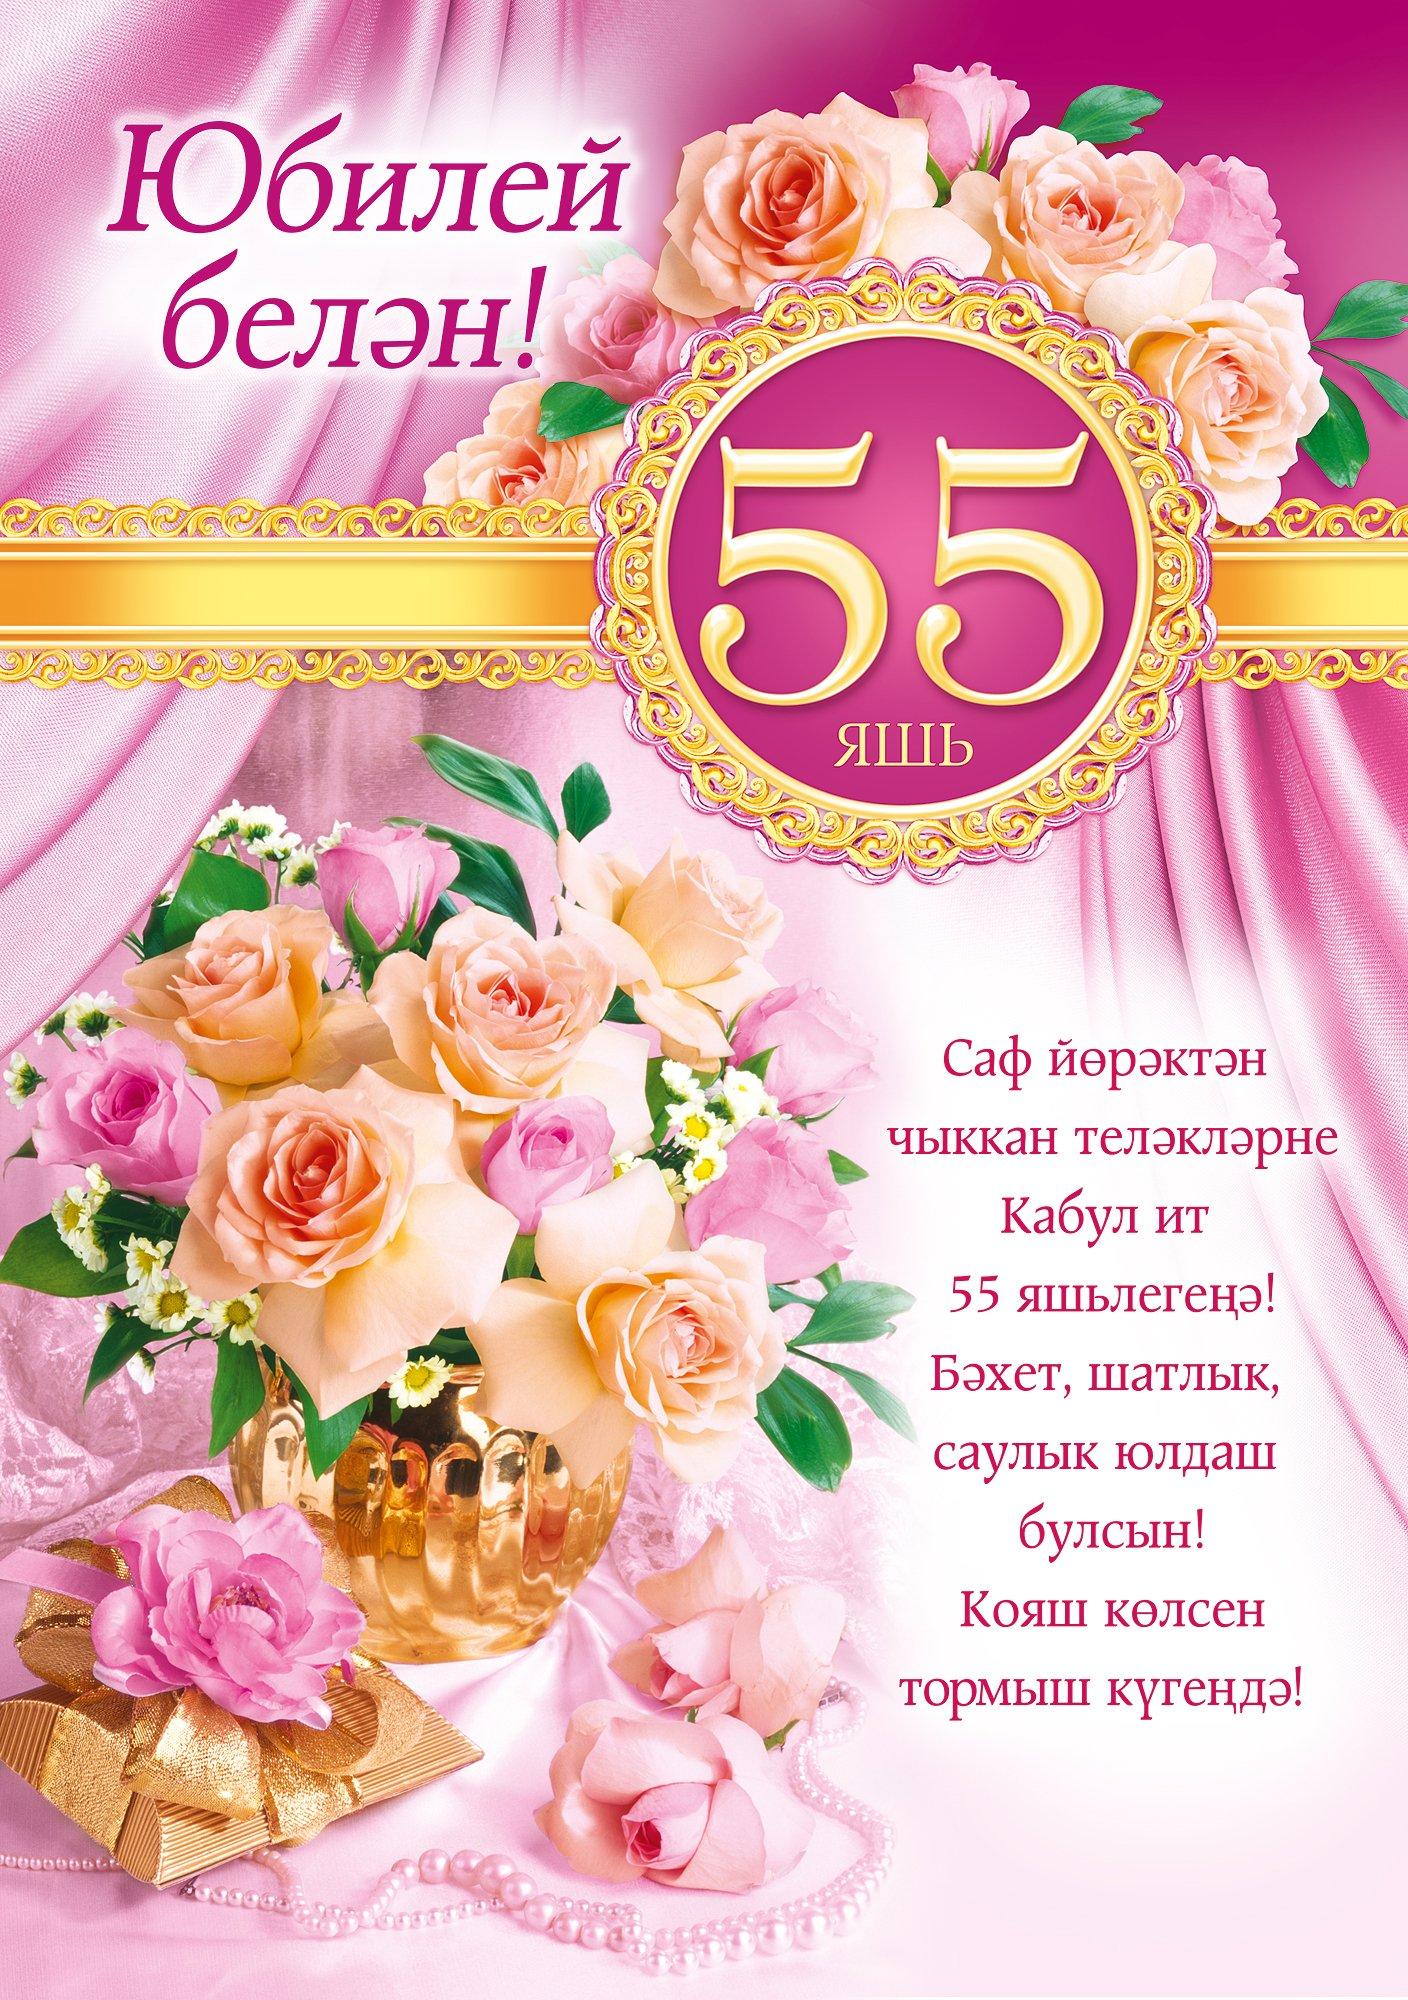 Пожелания 55 лет открытки, отдыха